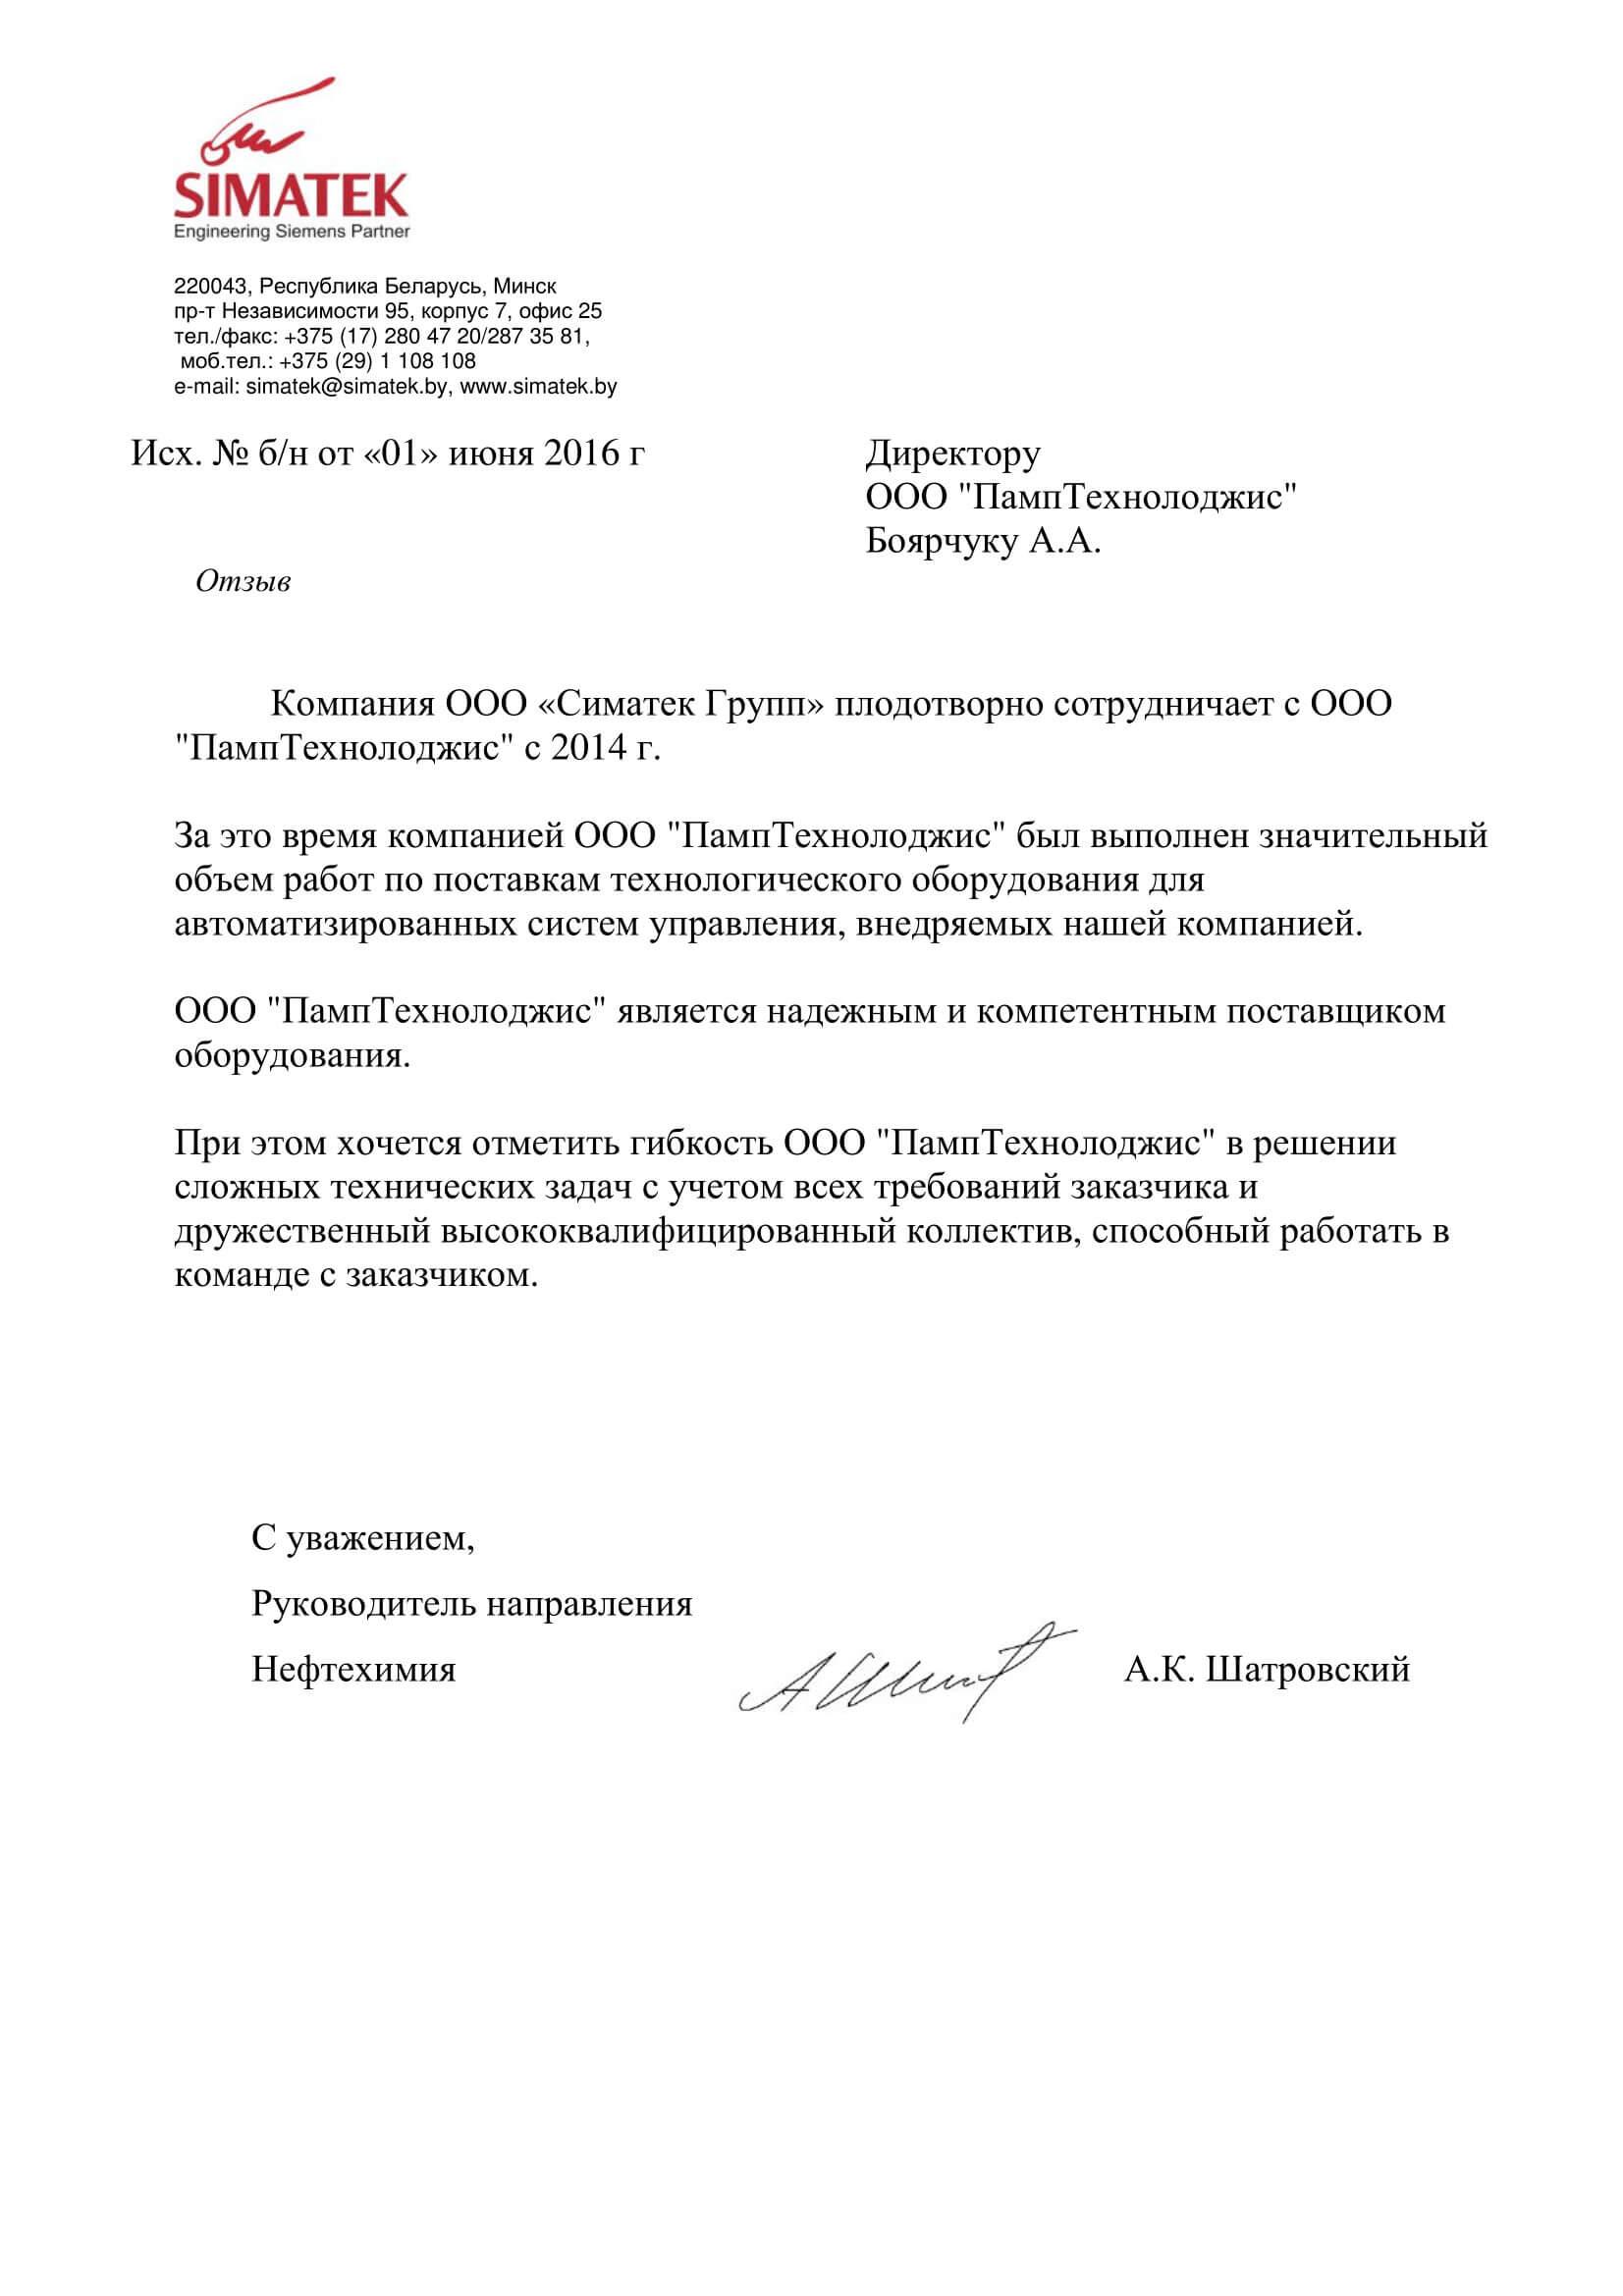 Отзыв ООО «Симатек Групп»